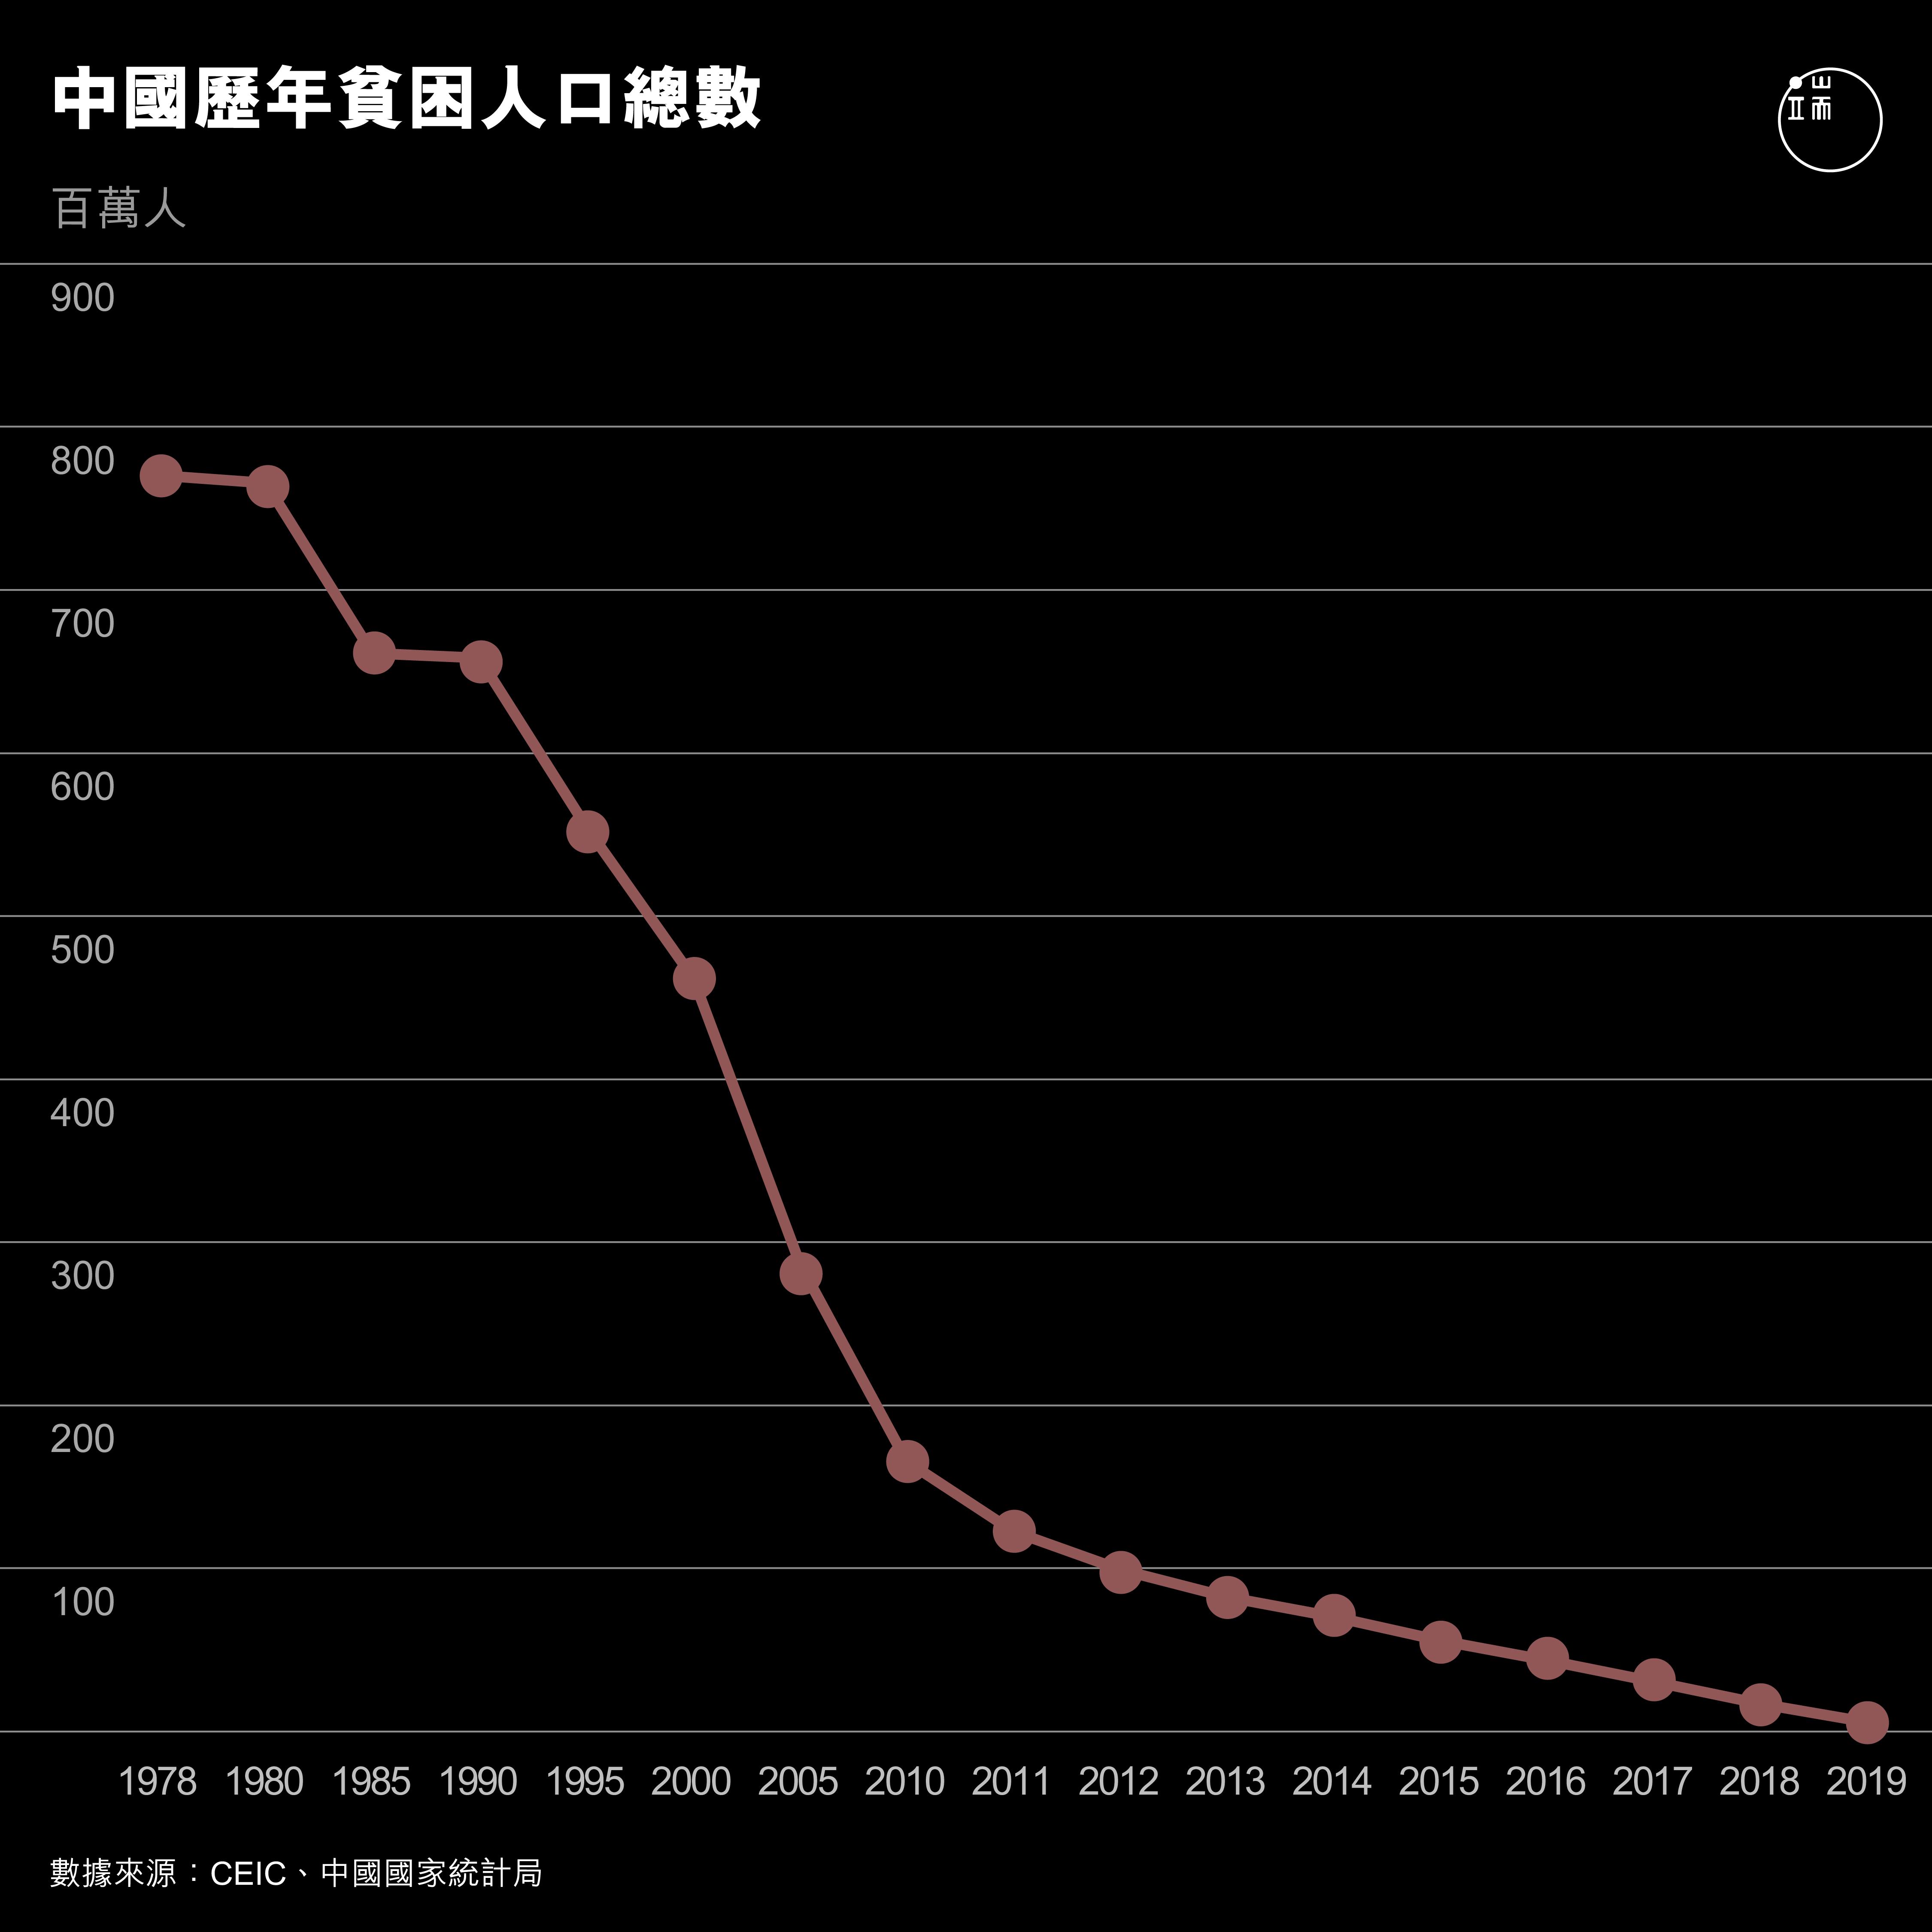 中國歷年貧困人口總數